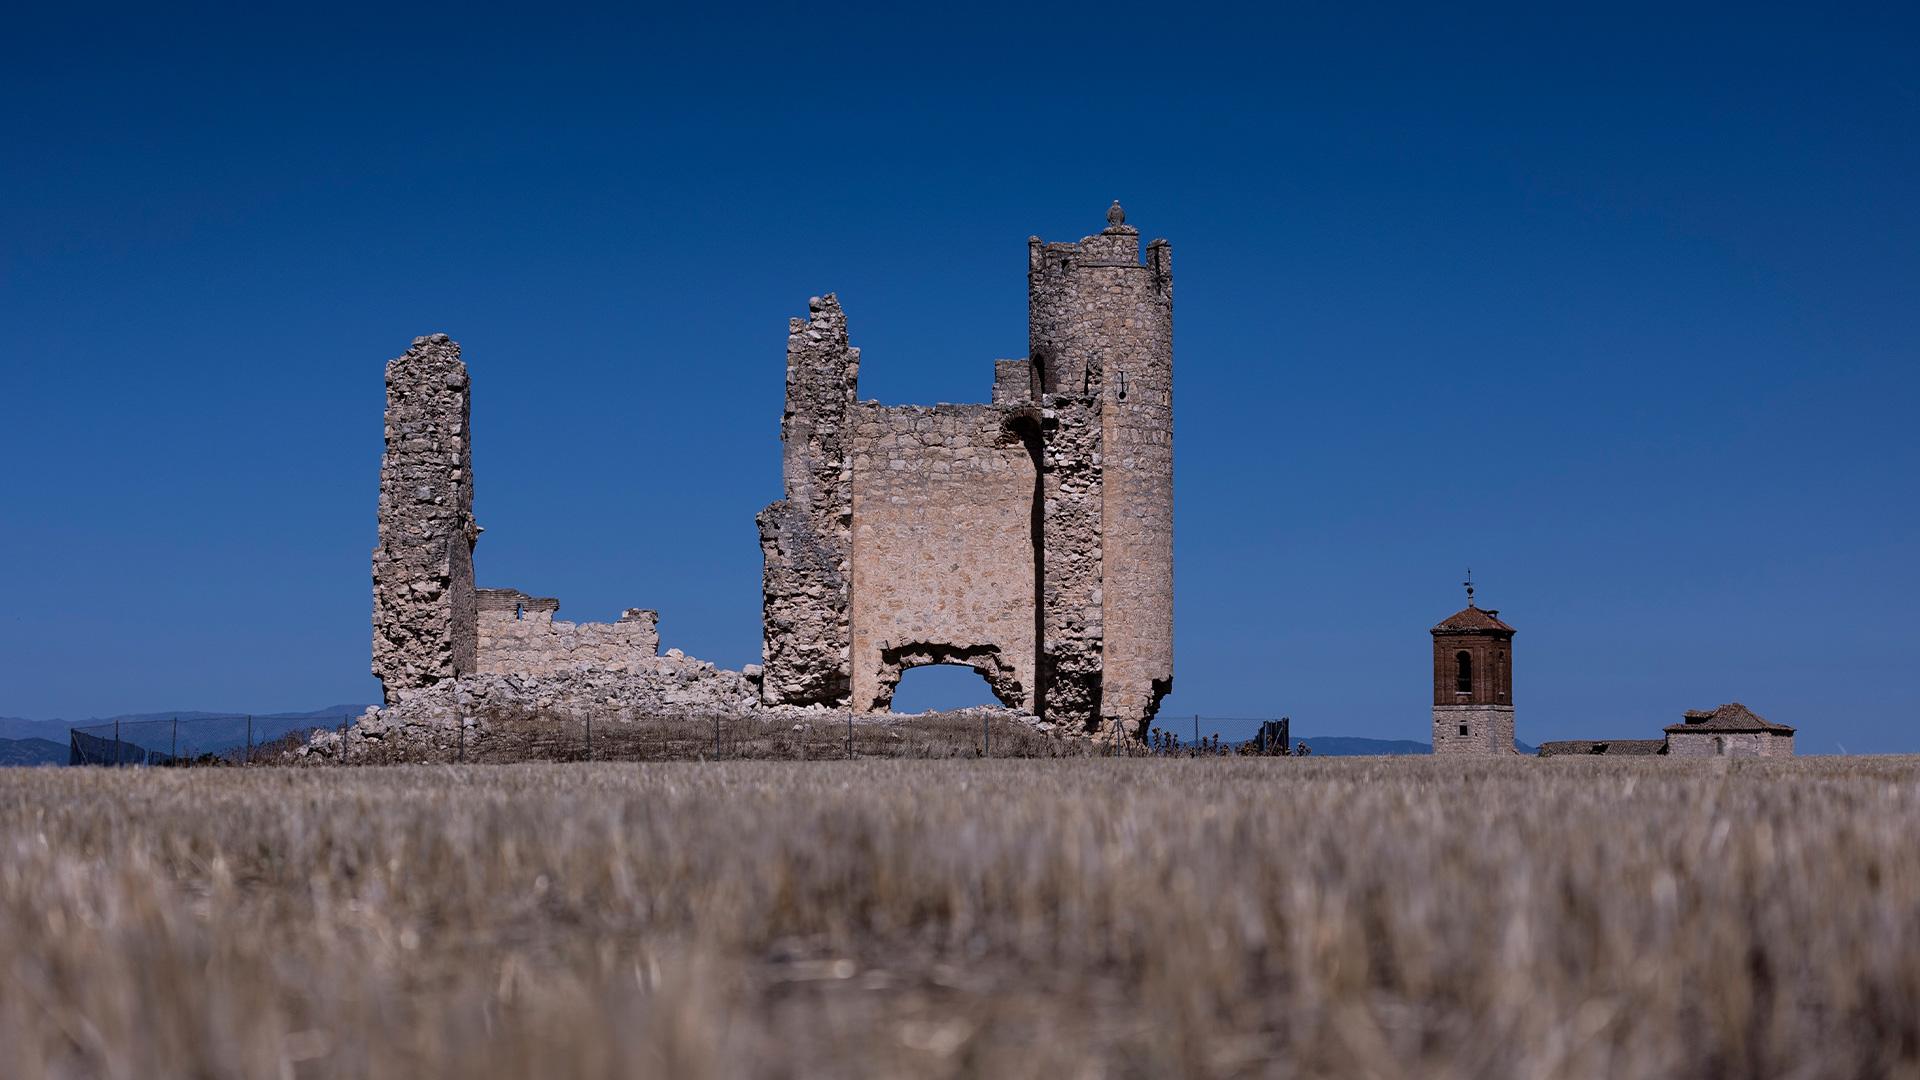 Vistas del castillo junto a la iglesia del pueblo